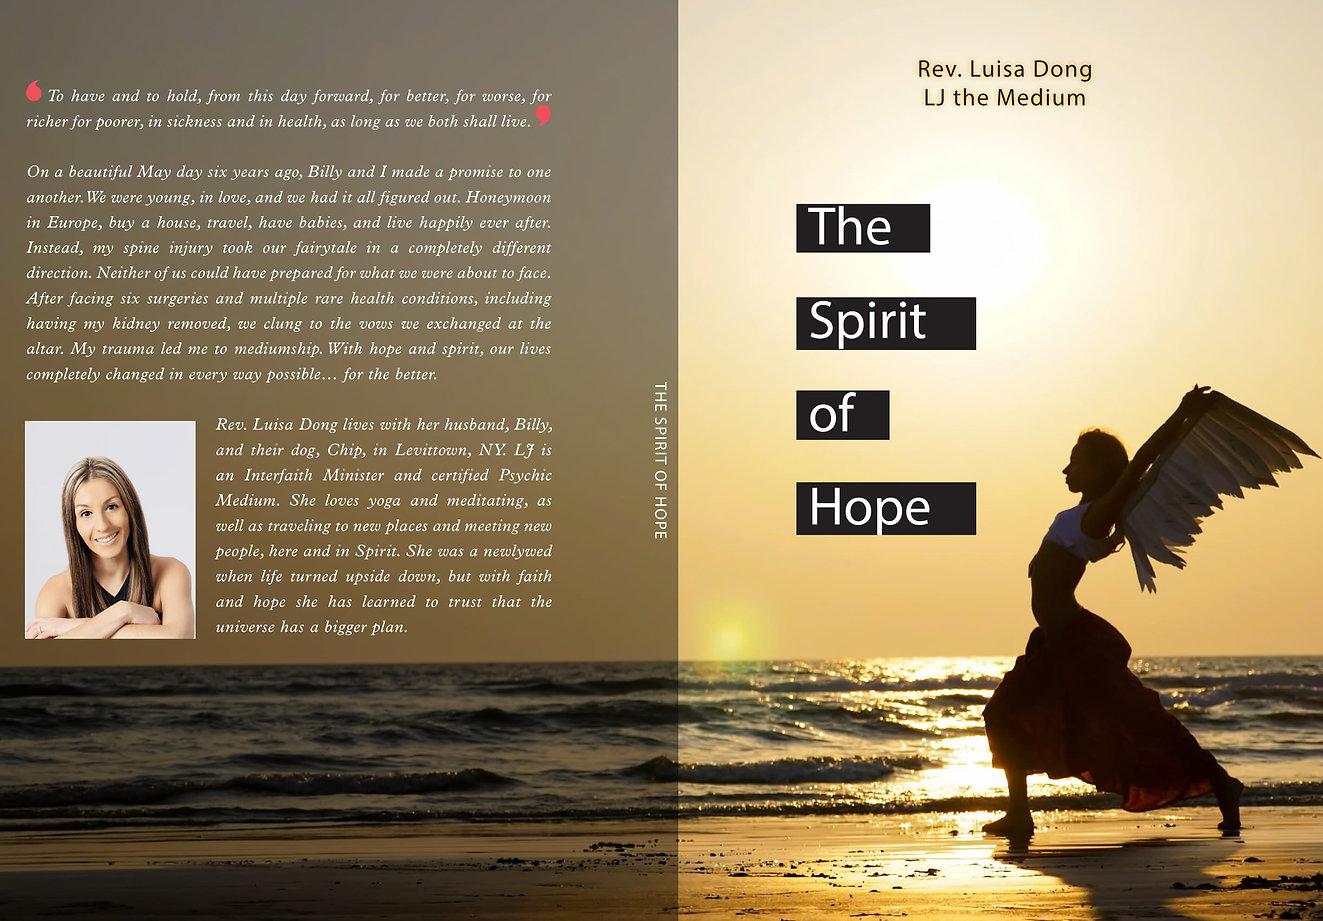 190530_The Spirit of Hope cover_logoless